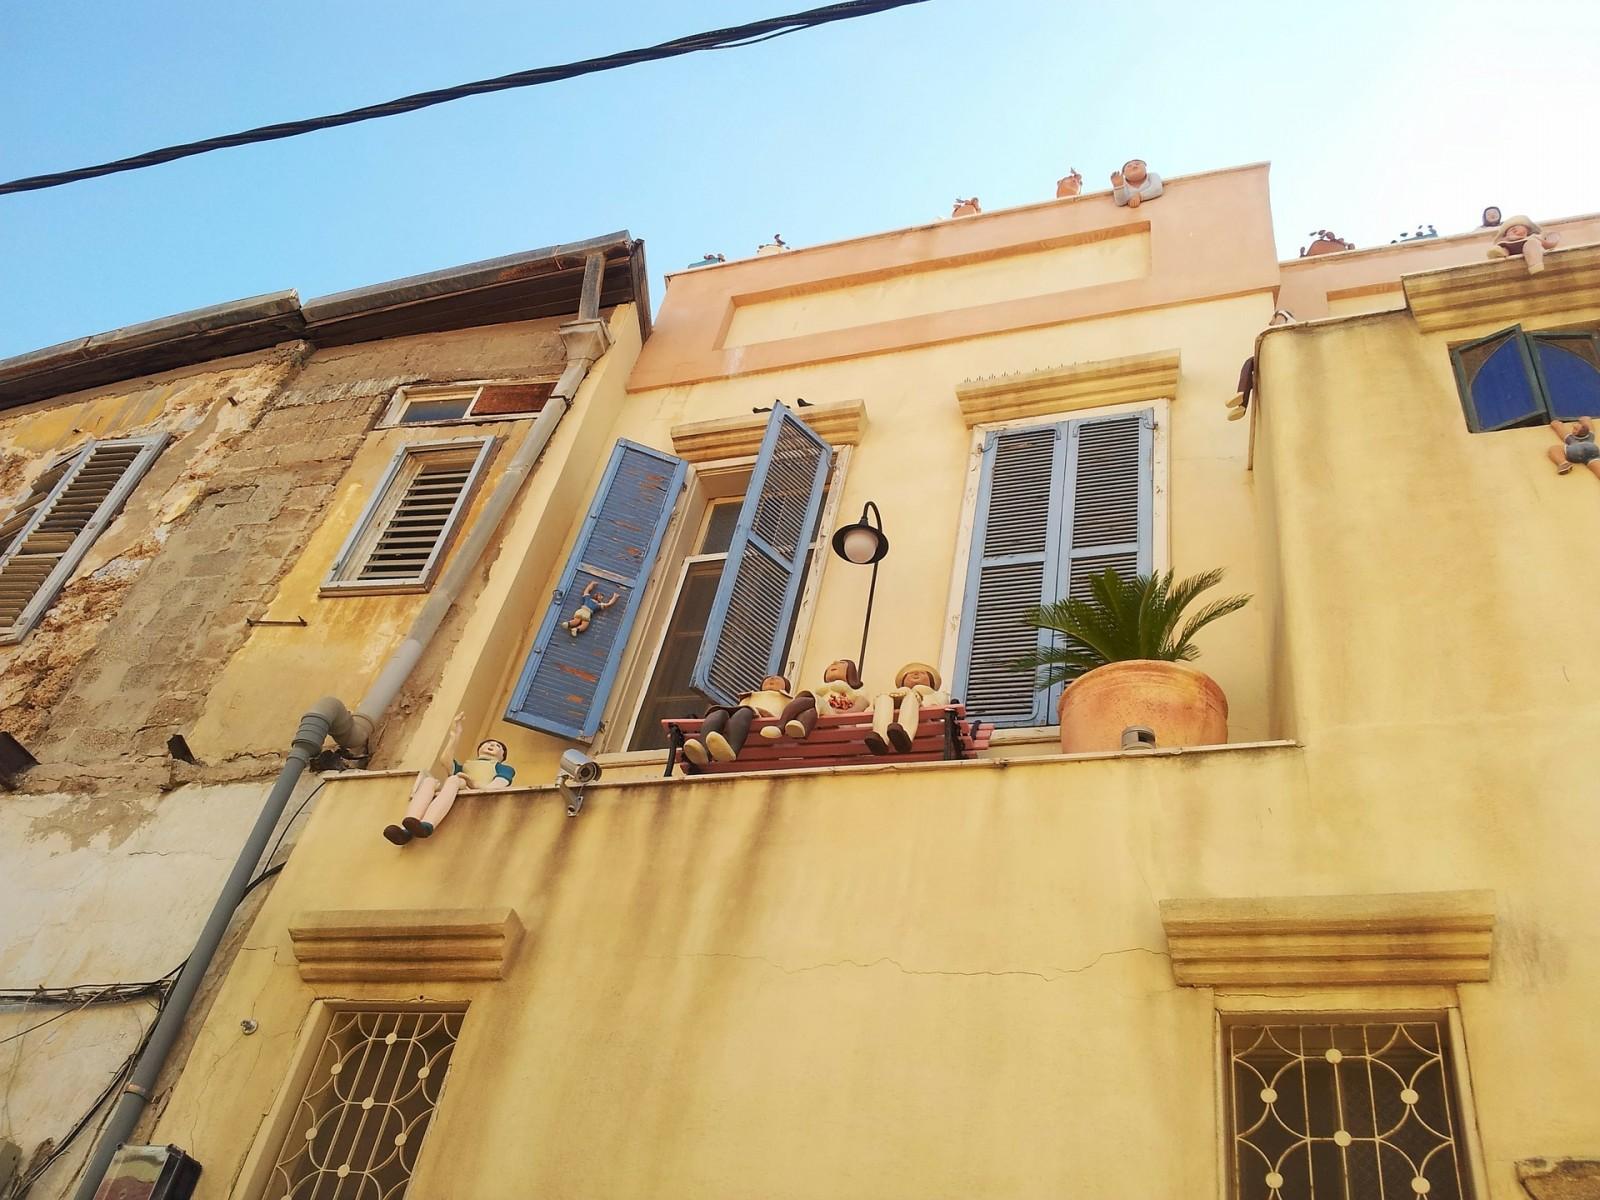 Tel Aviv, Israel, Pixabay.com